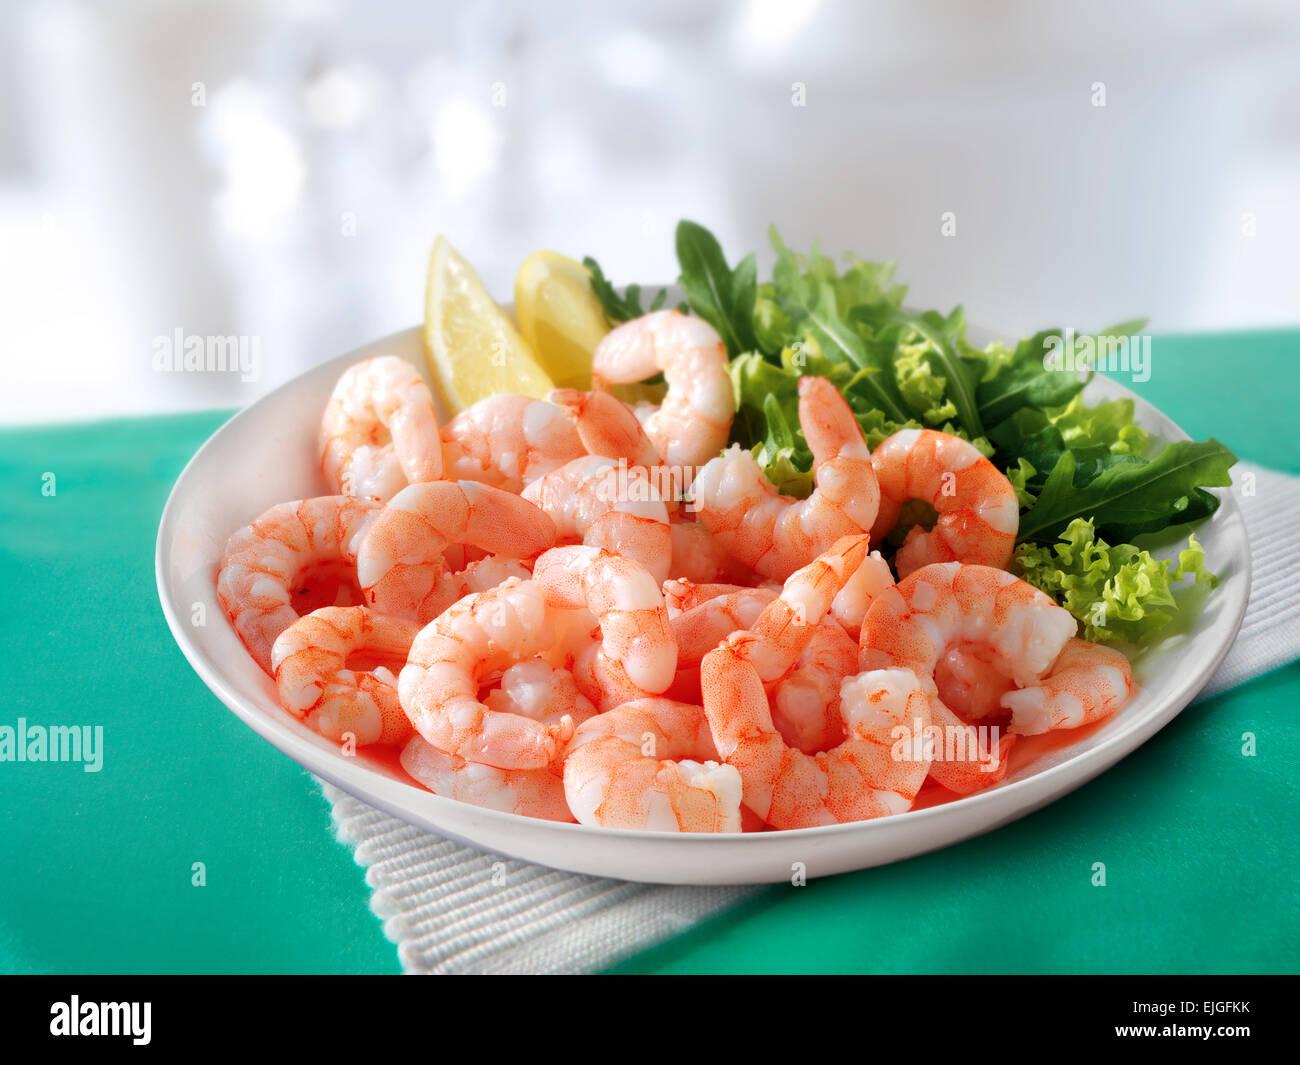 Crevettes fraîches cuites et salade Photo Stock